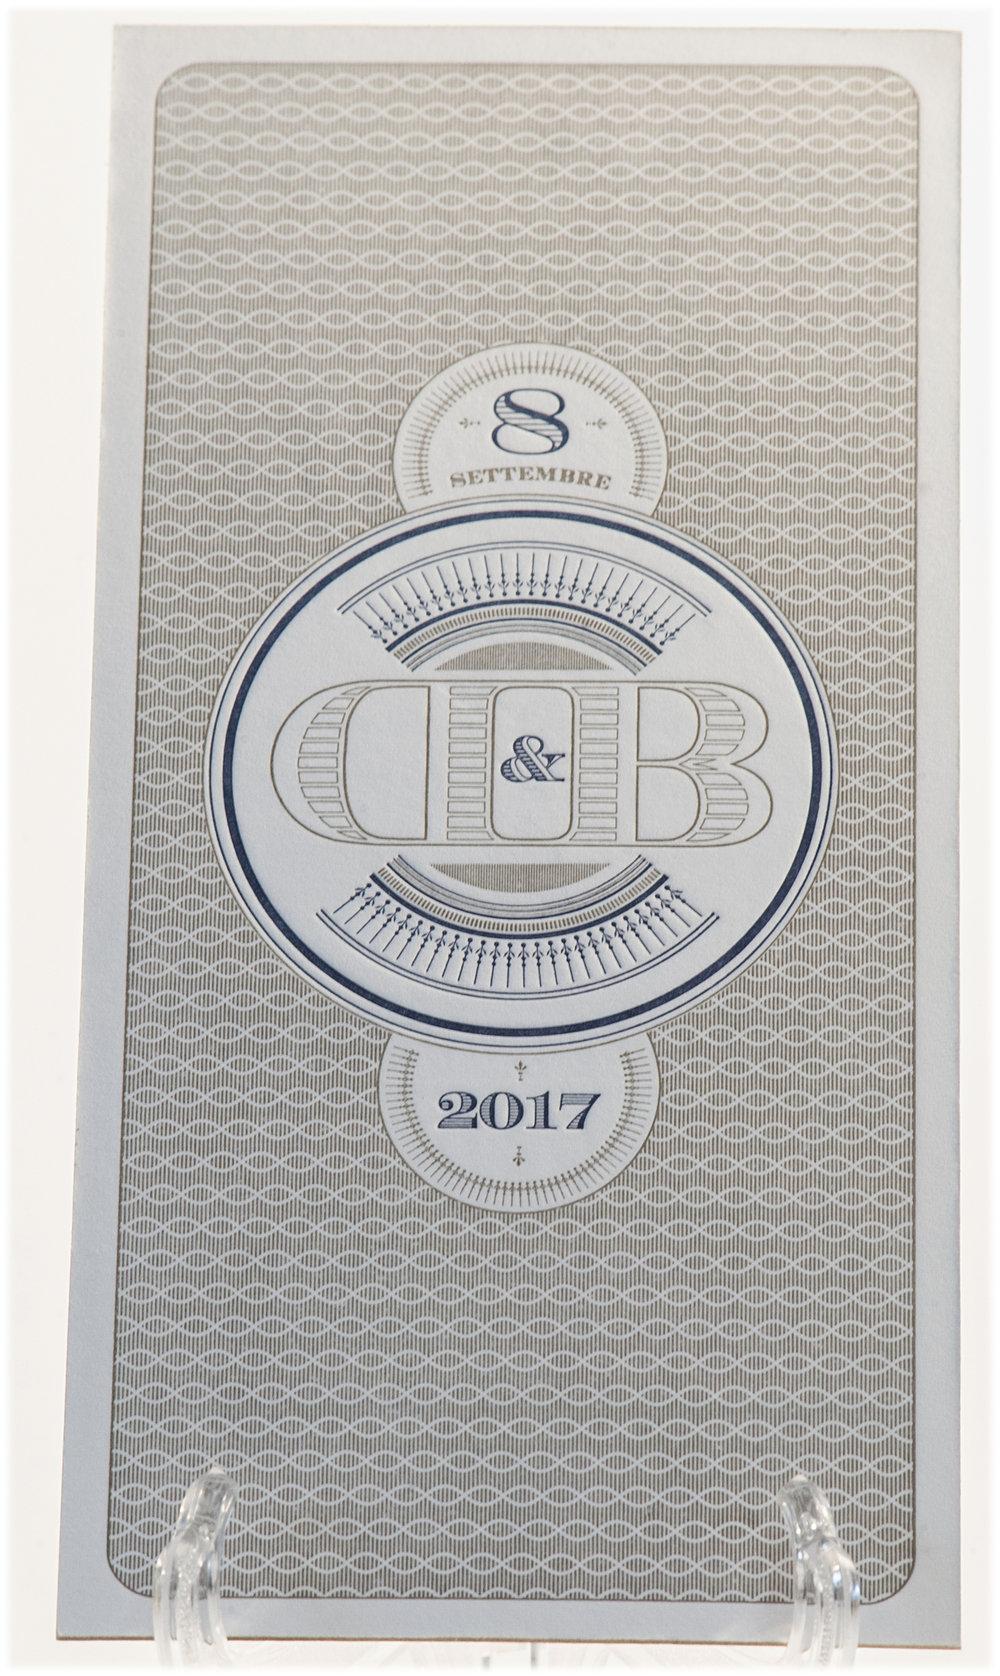 Carta Gmund 900 gr, stampa Letterpress a 2 + 2 colori + labbratura